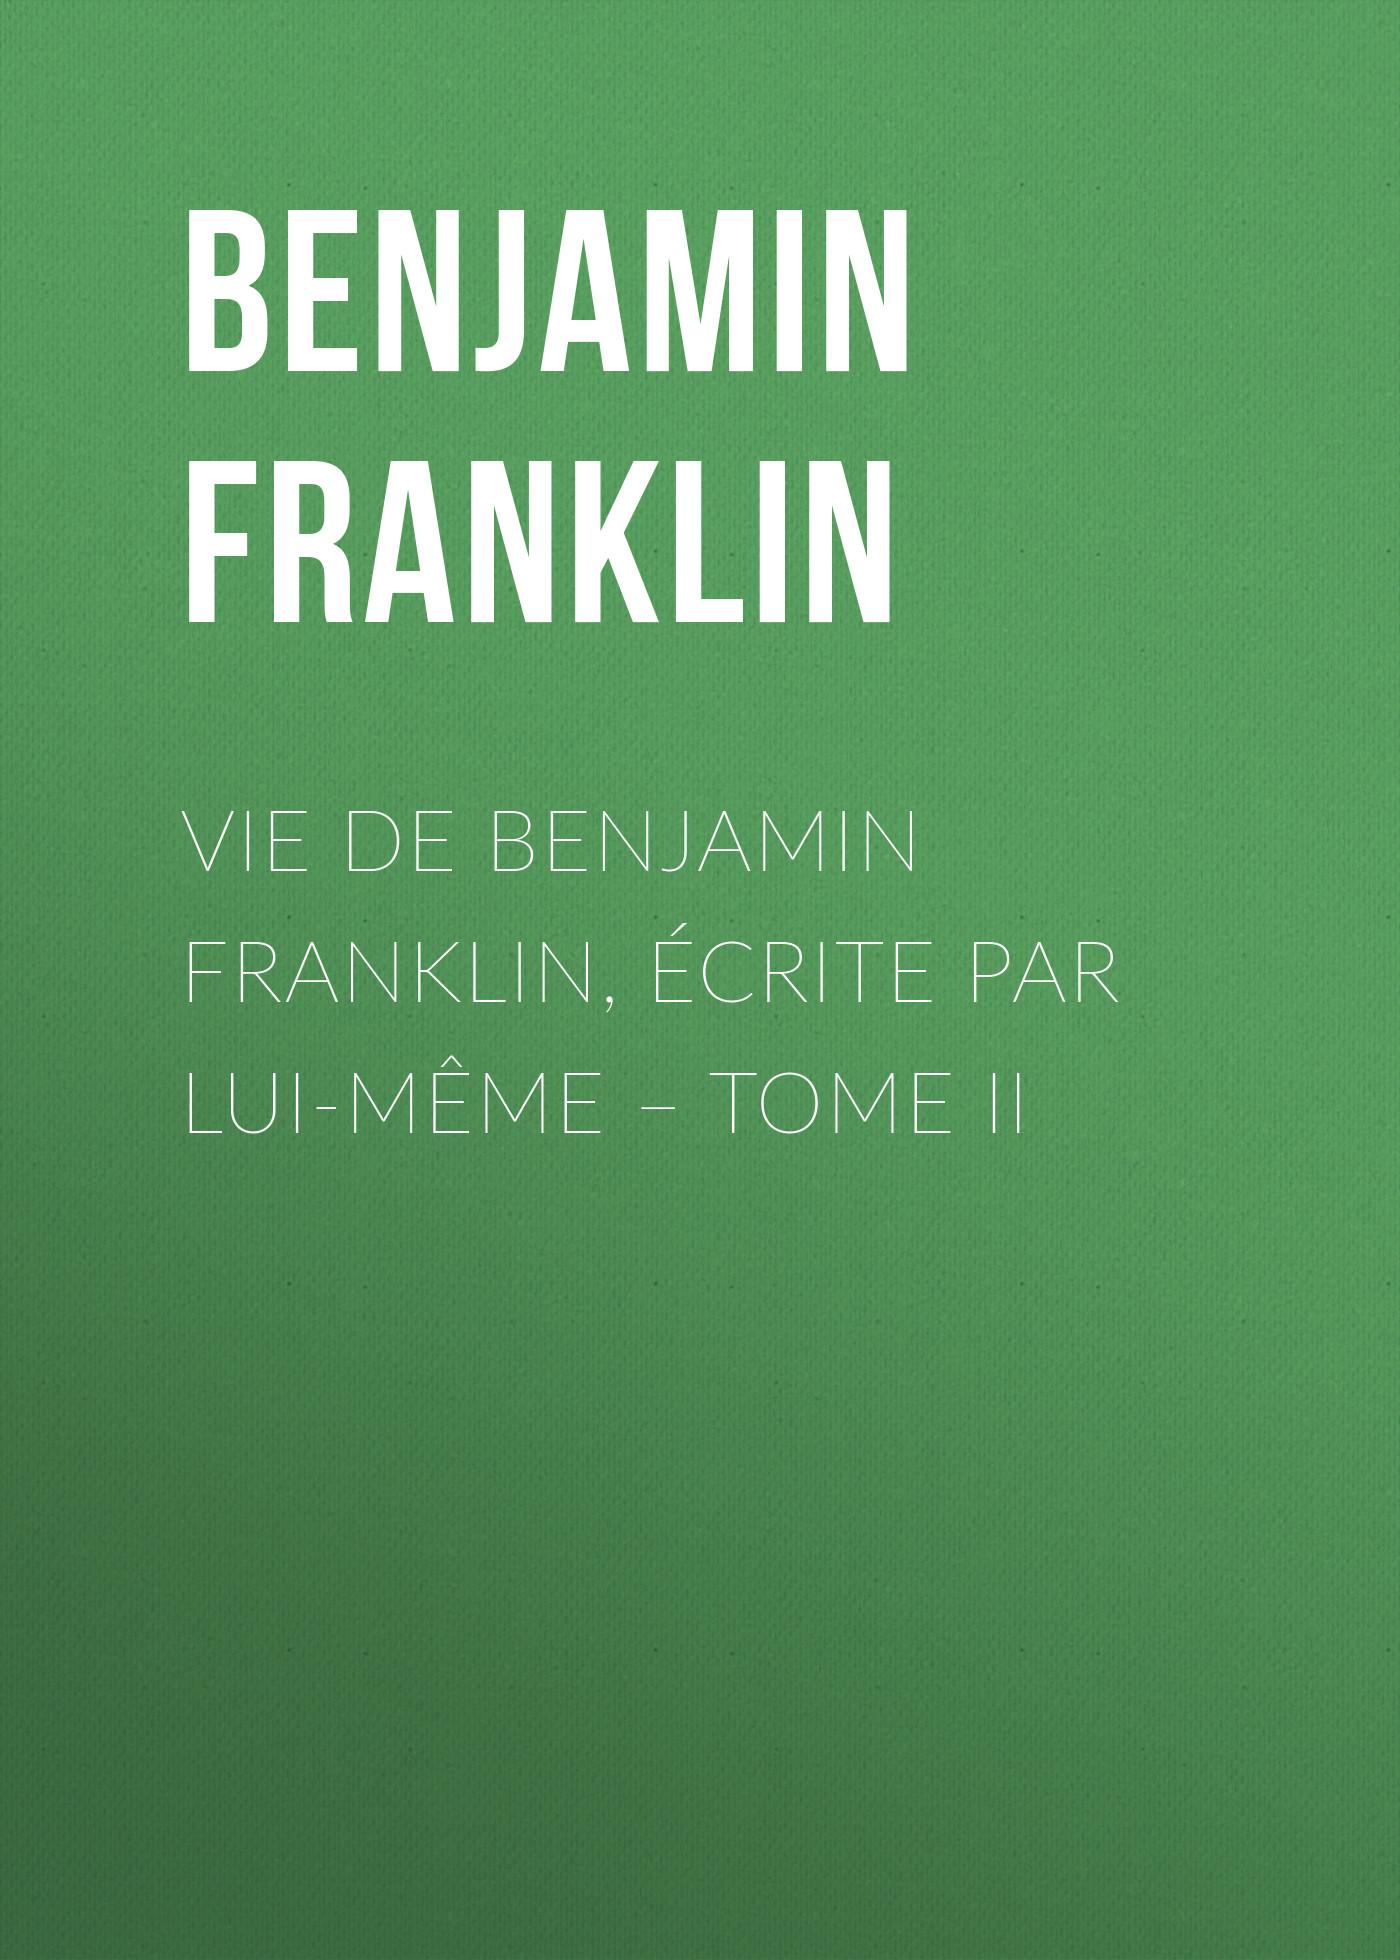 купить Бенджамин Франклин Vie de Benjamin Franklin, écrite par lui-même – Tome II онлайн